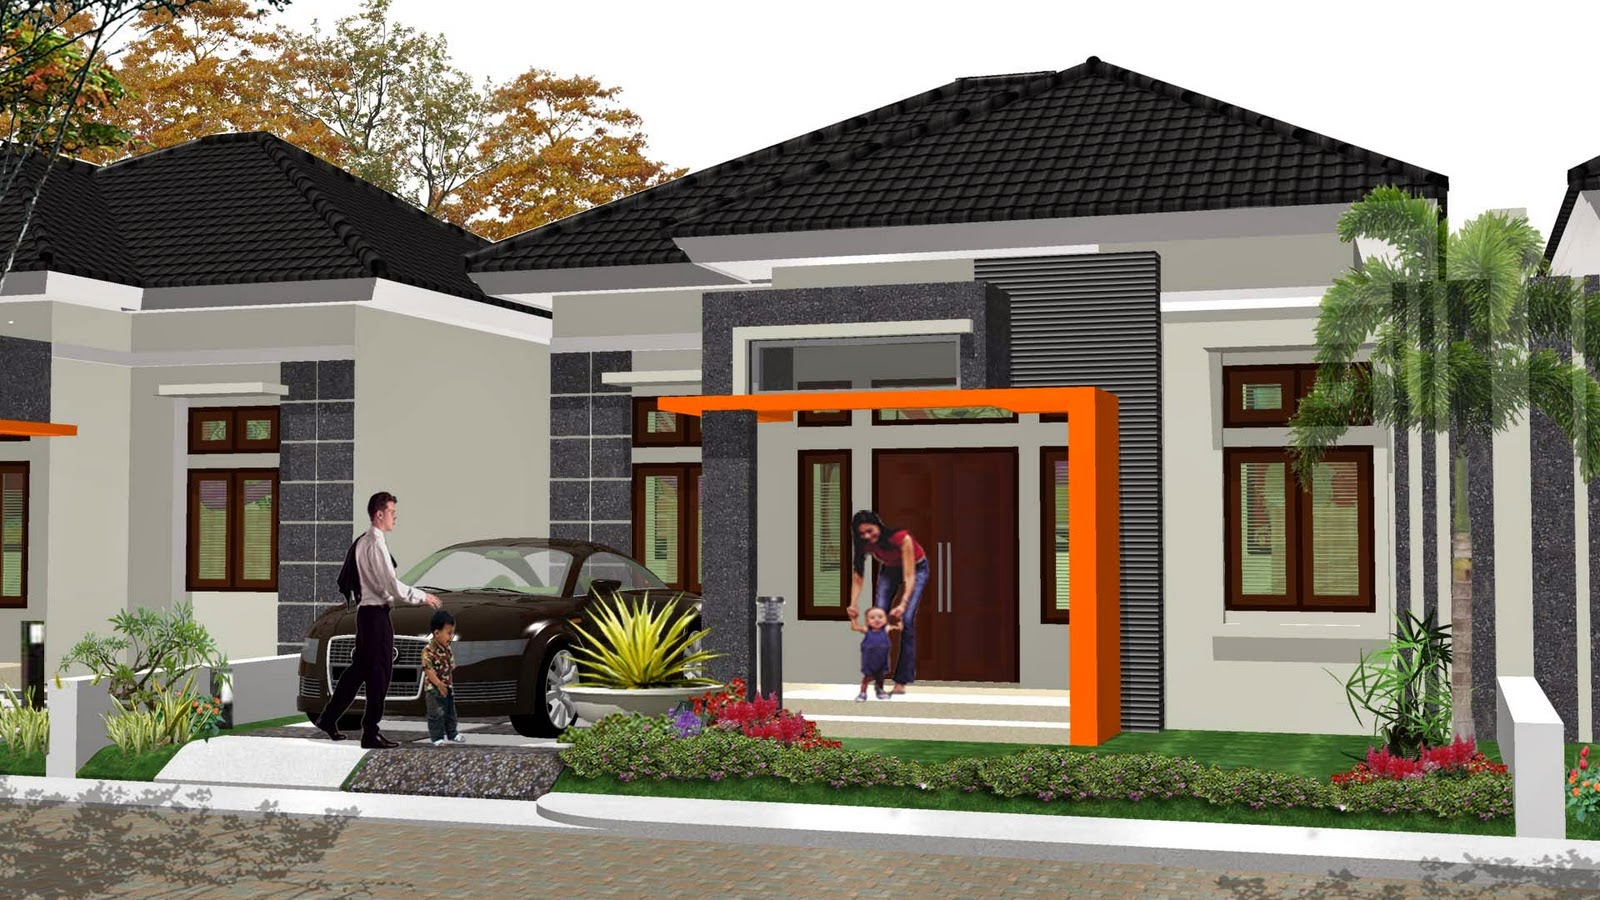 Desain Rumah Minimalis 1 Lantai Mewah Gambar Foto Desain Rumah